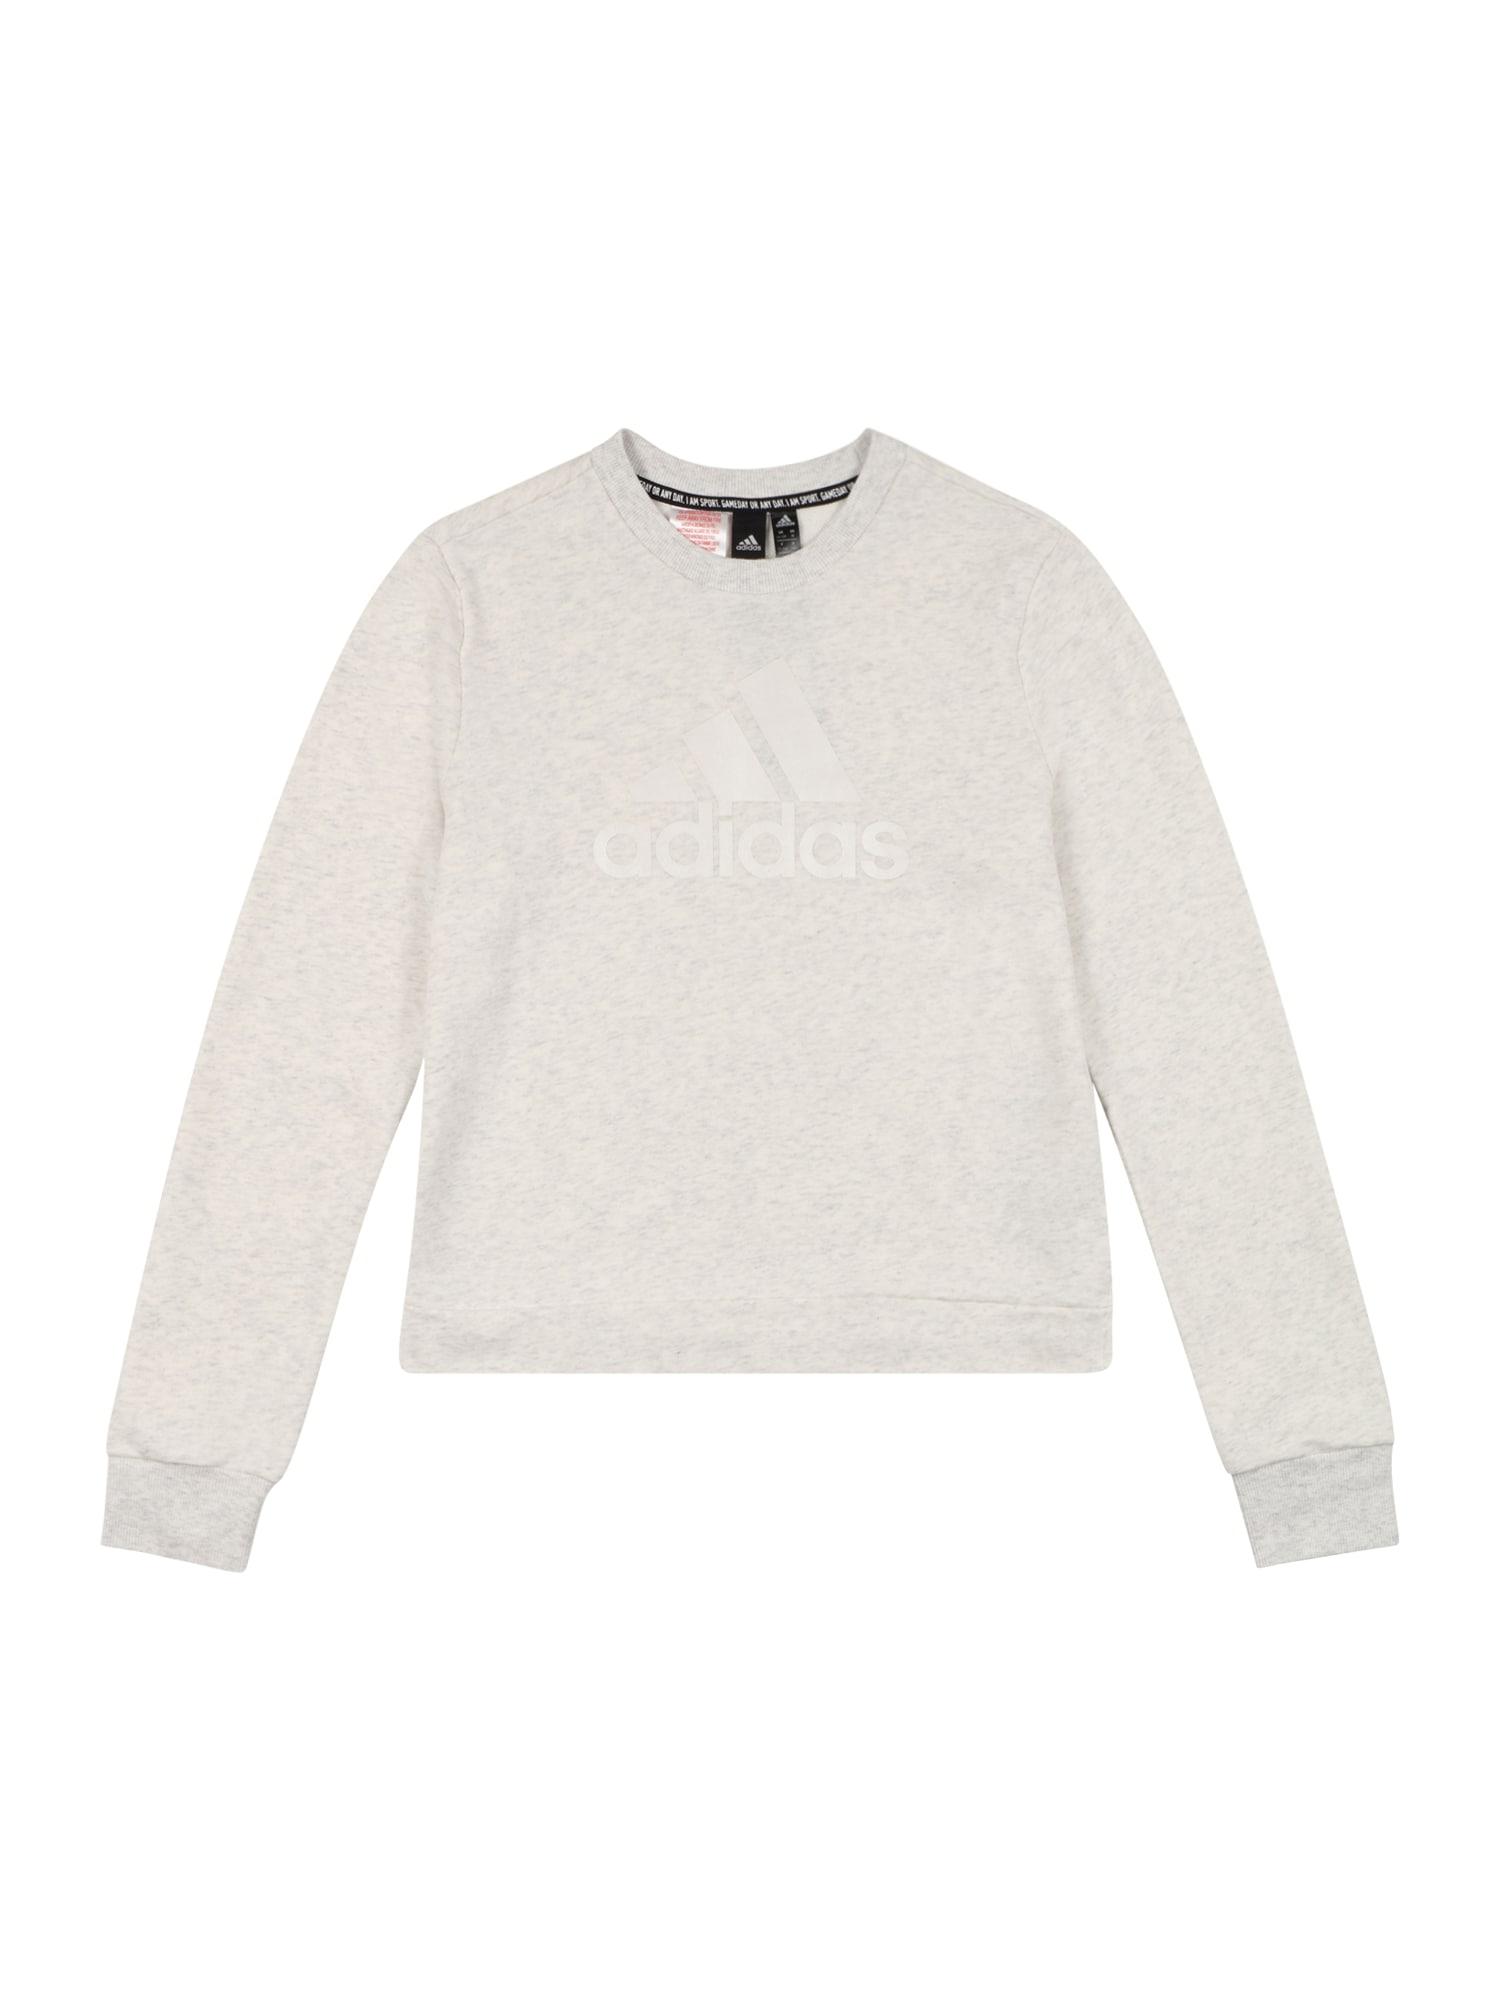 ADIDAS PERFORMANCE Sportinio tipo megztinis 'BOS' šviesiai pilka / natūrali balta